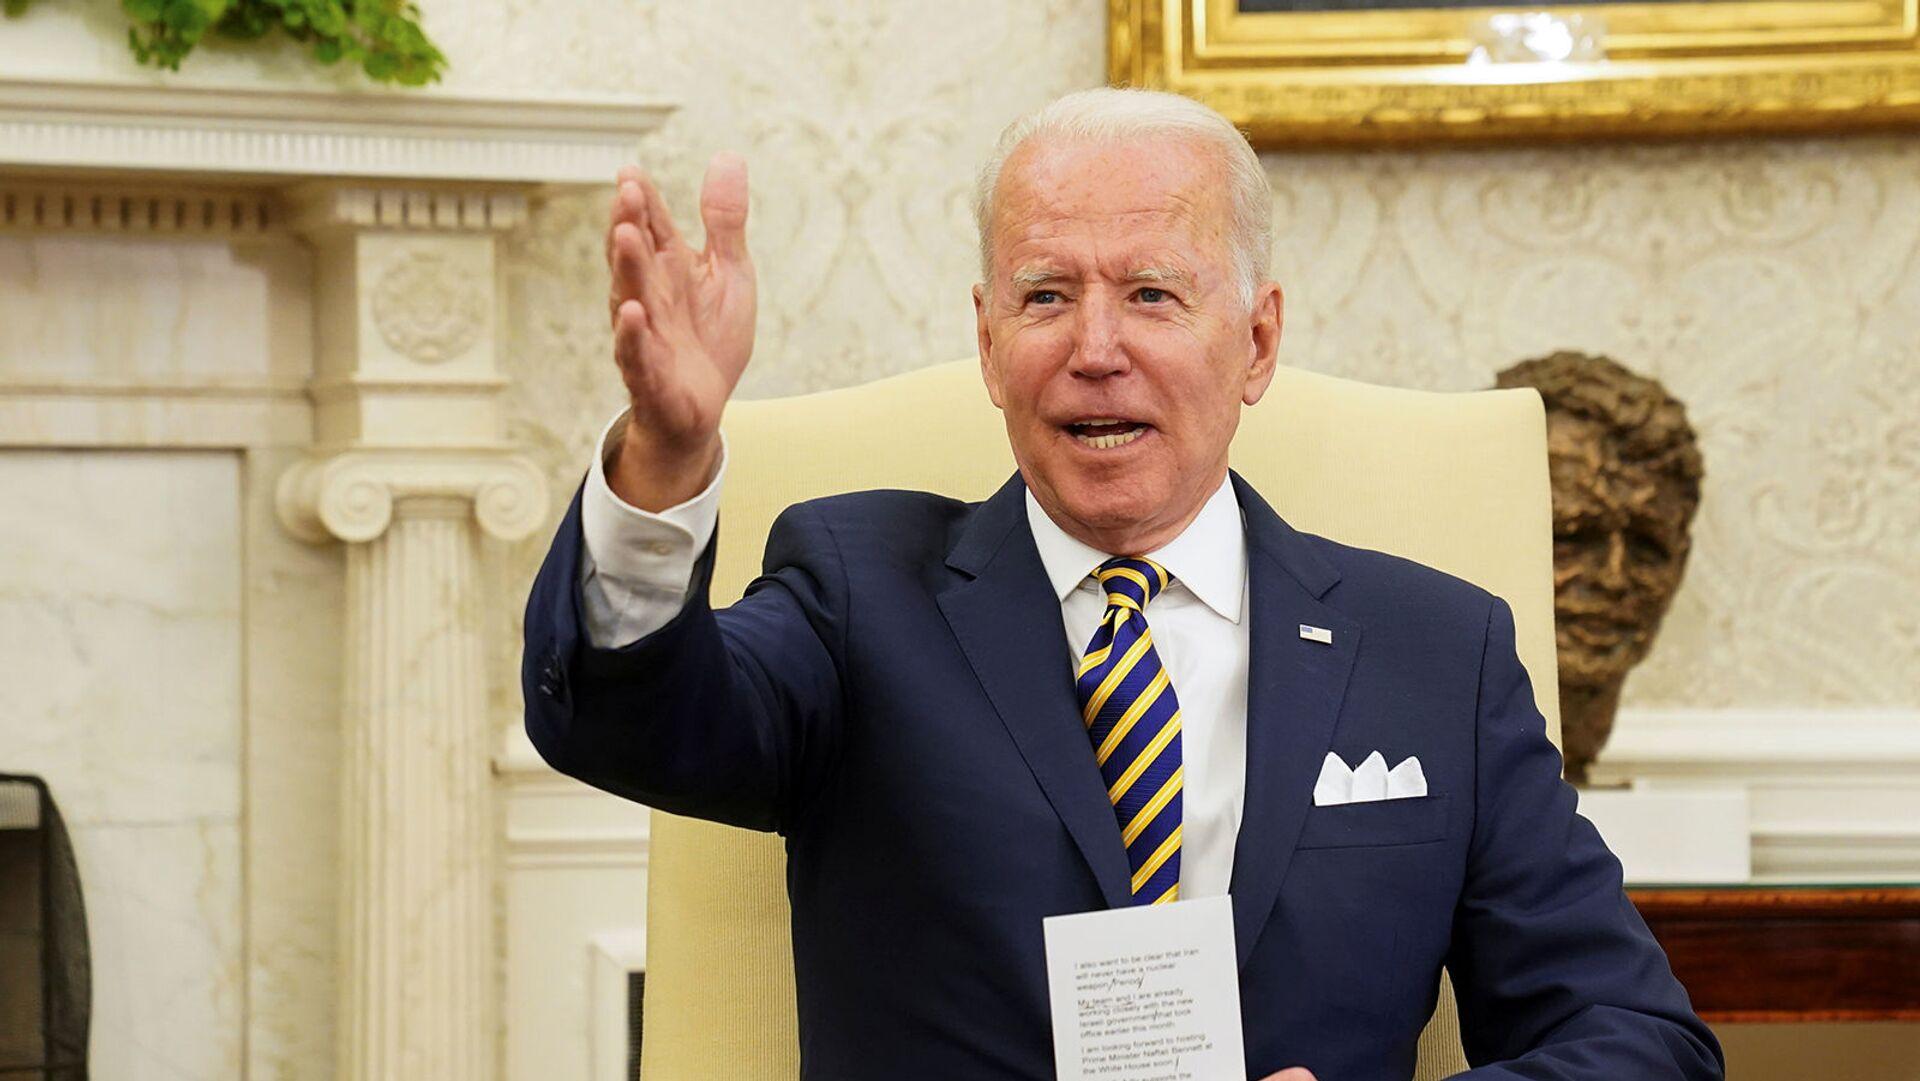 Президент США Джо Байден на встрече с президентом Израиля Реувеном Ривлином в Белом доме (28 июня 2021). Вашингтон - Sputnik Արմենիա, 1920, 04.08.2021